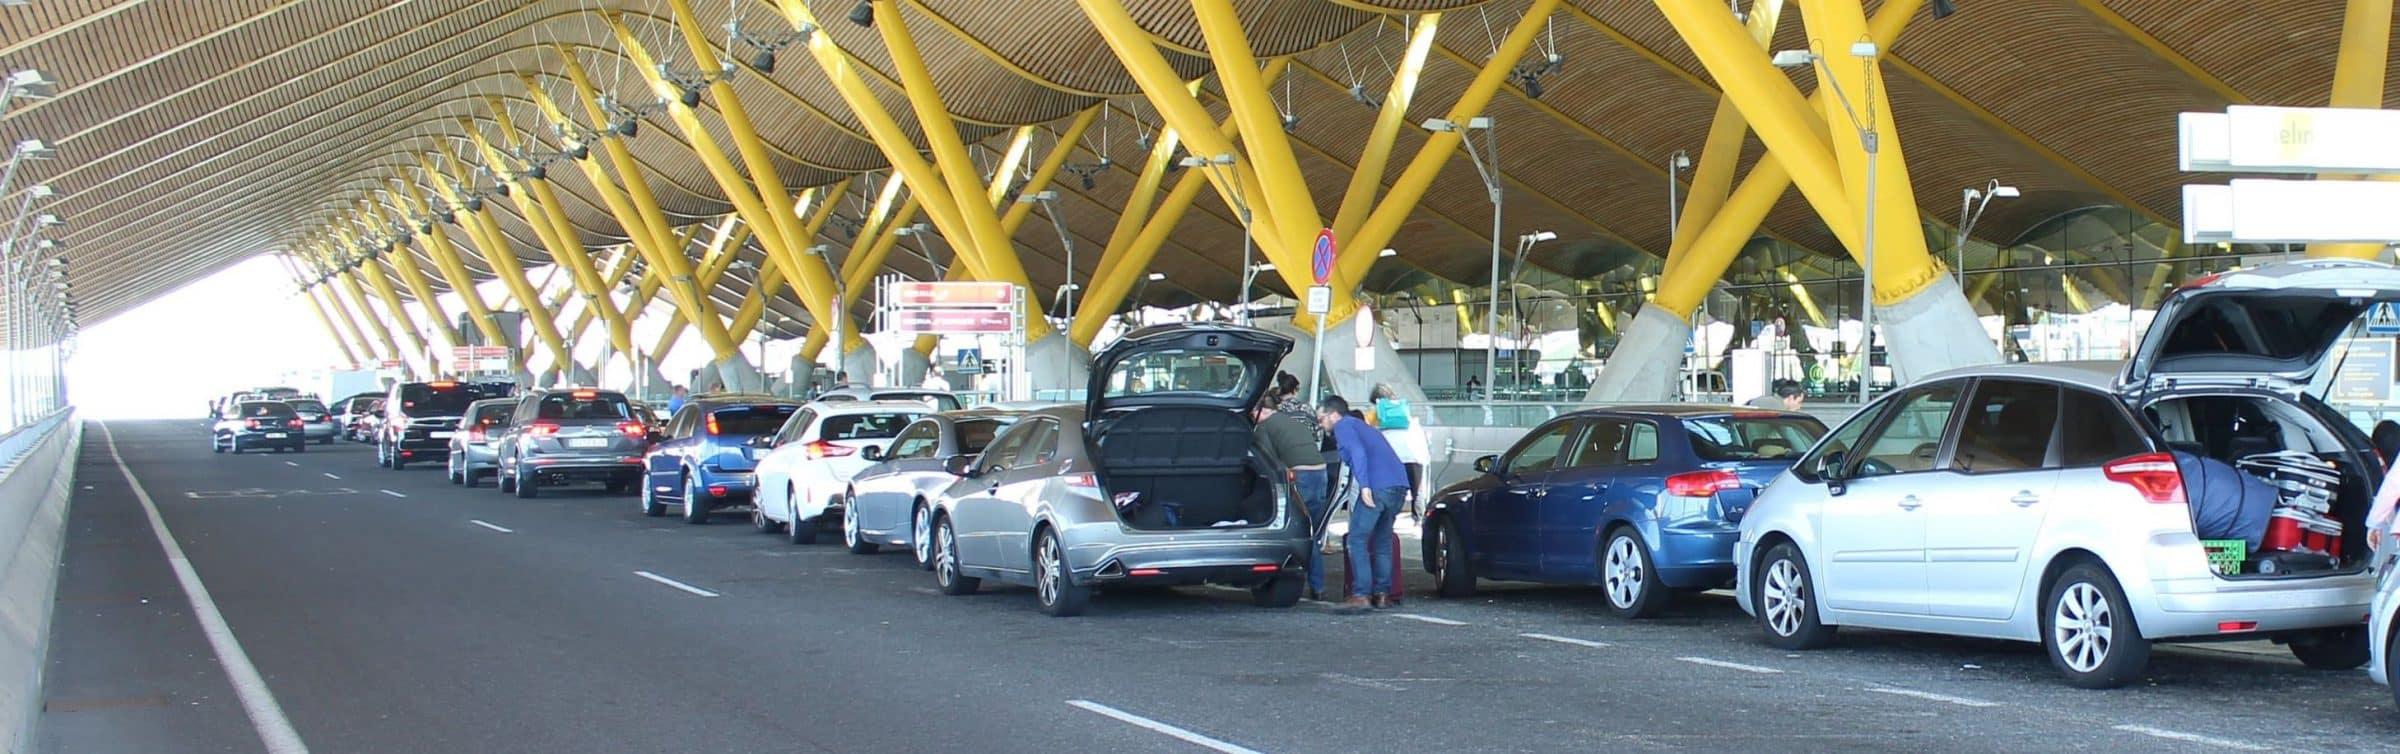 Aeropuerto Madrid T4